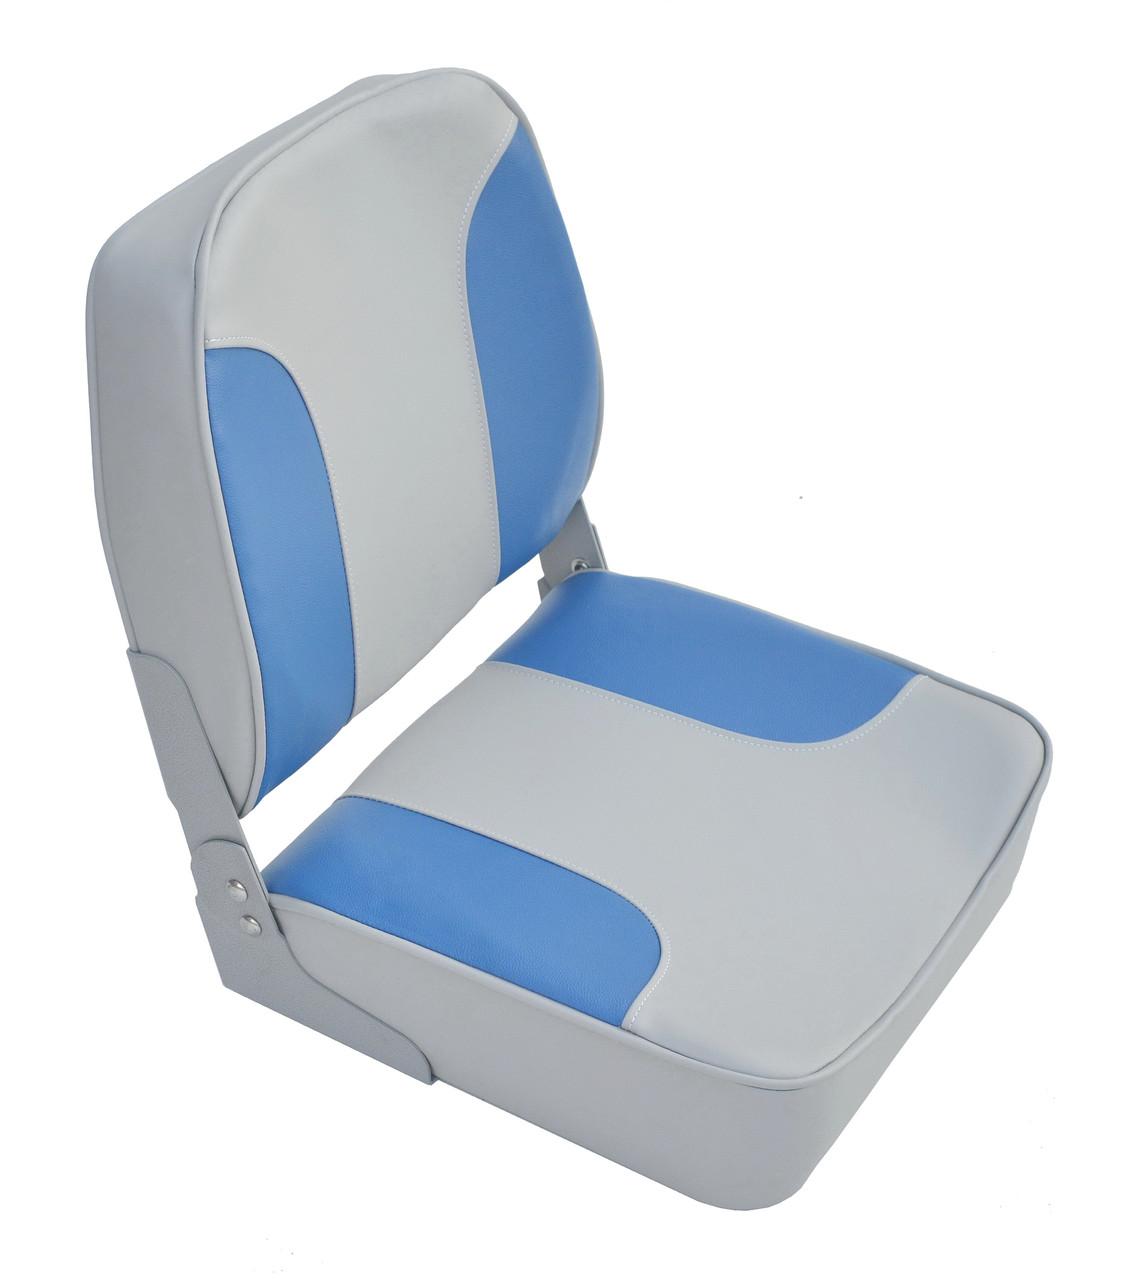 Складное кресло с низкой спинкой 1001202